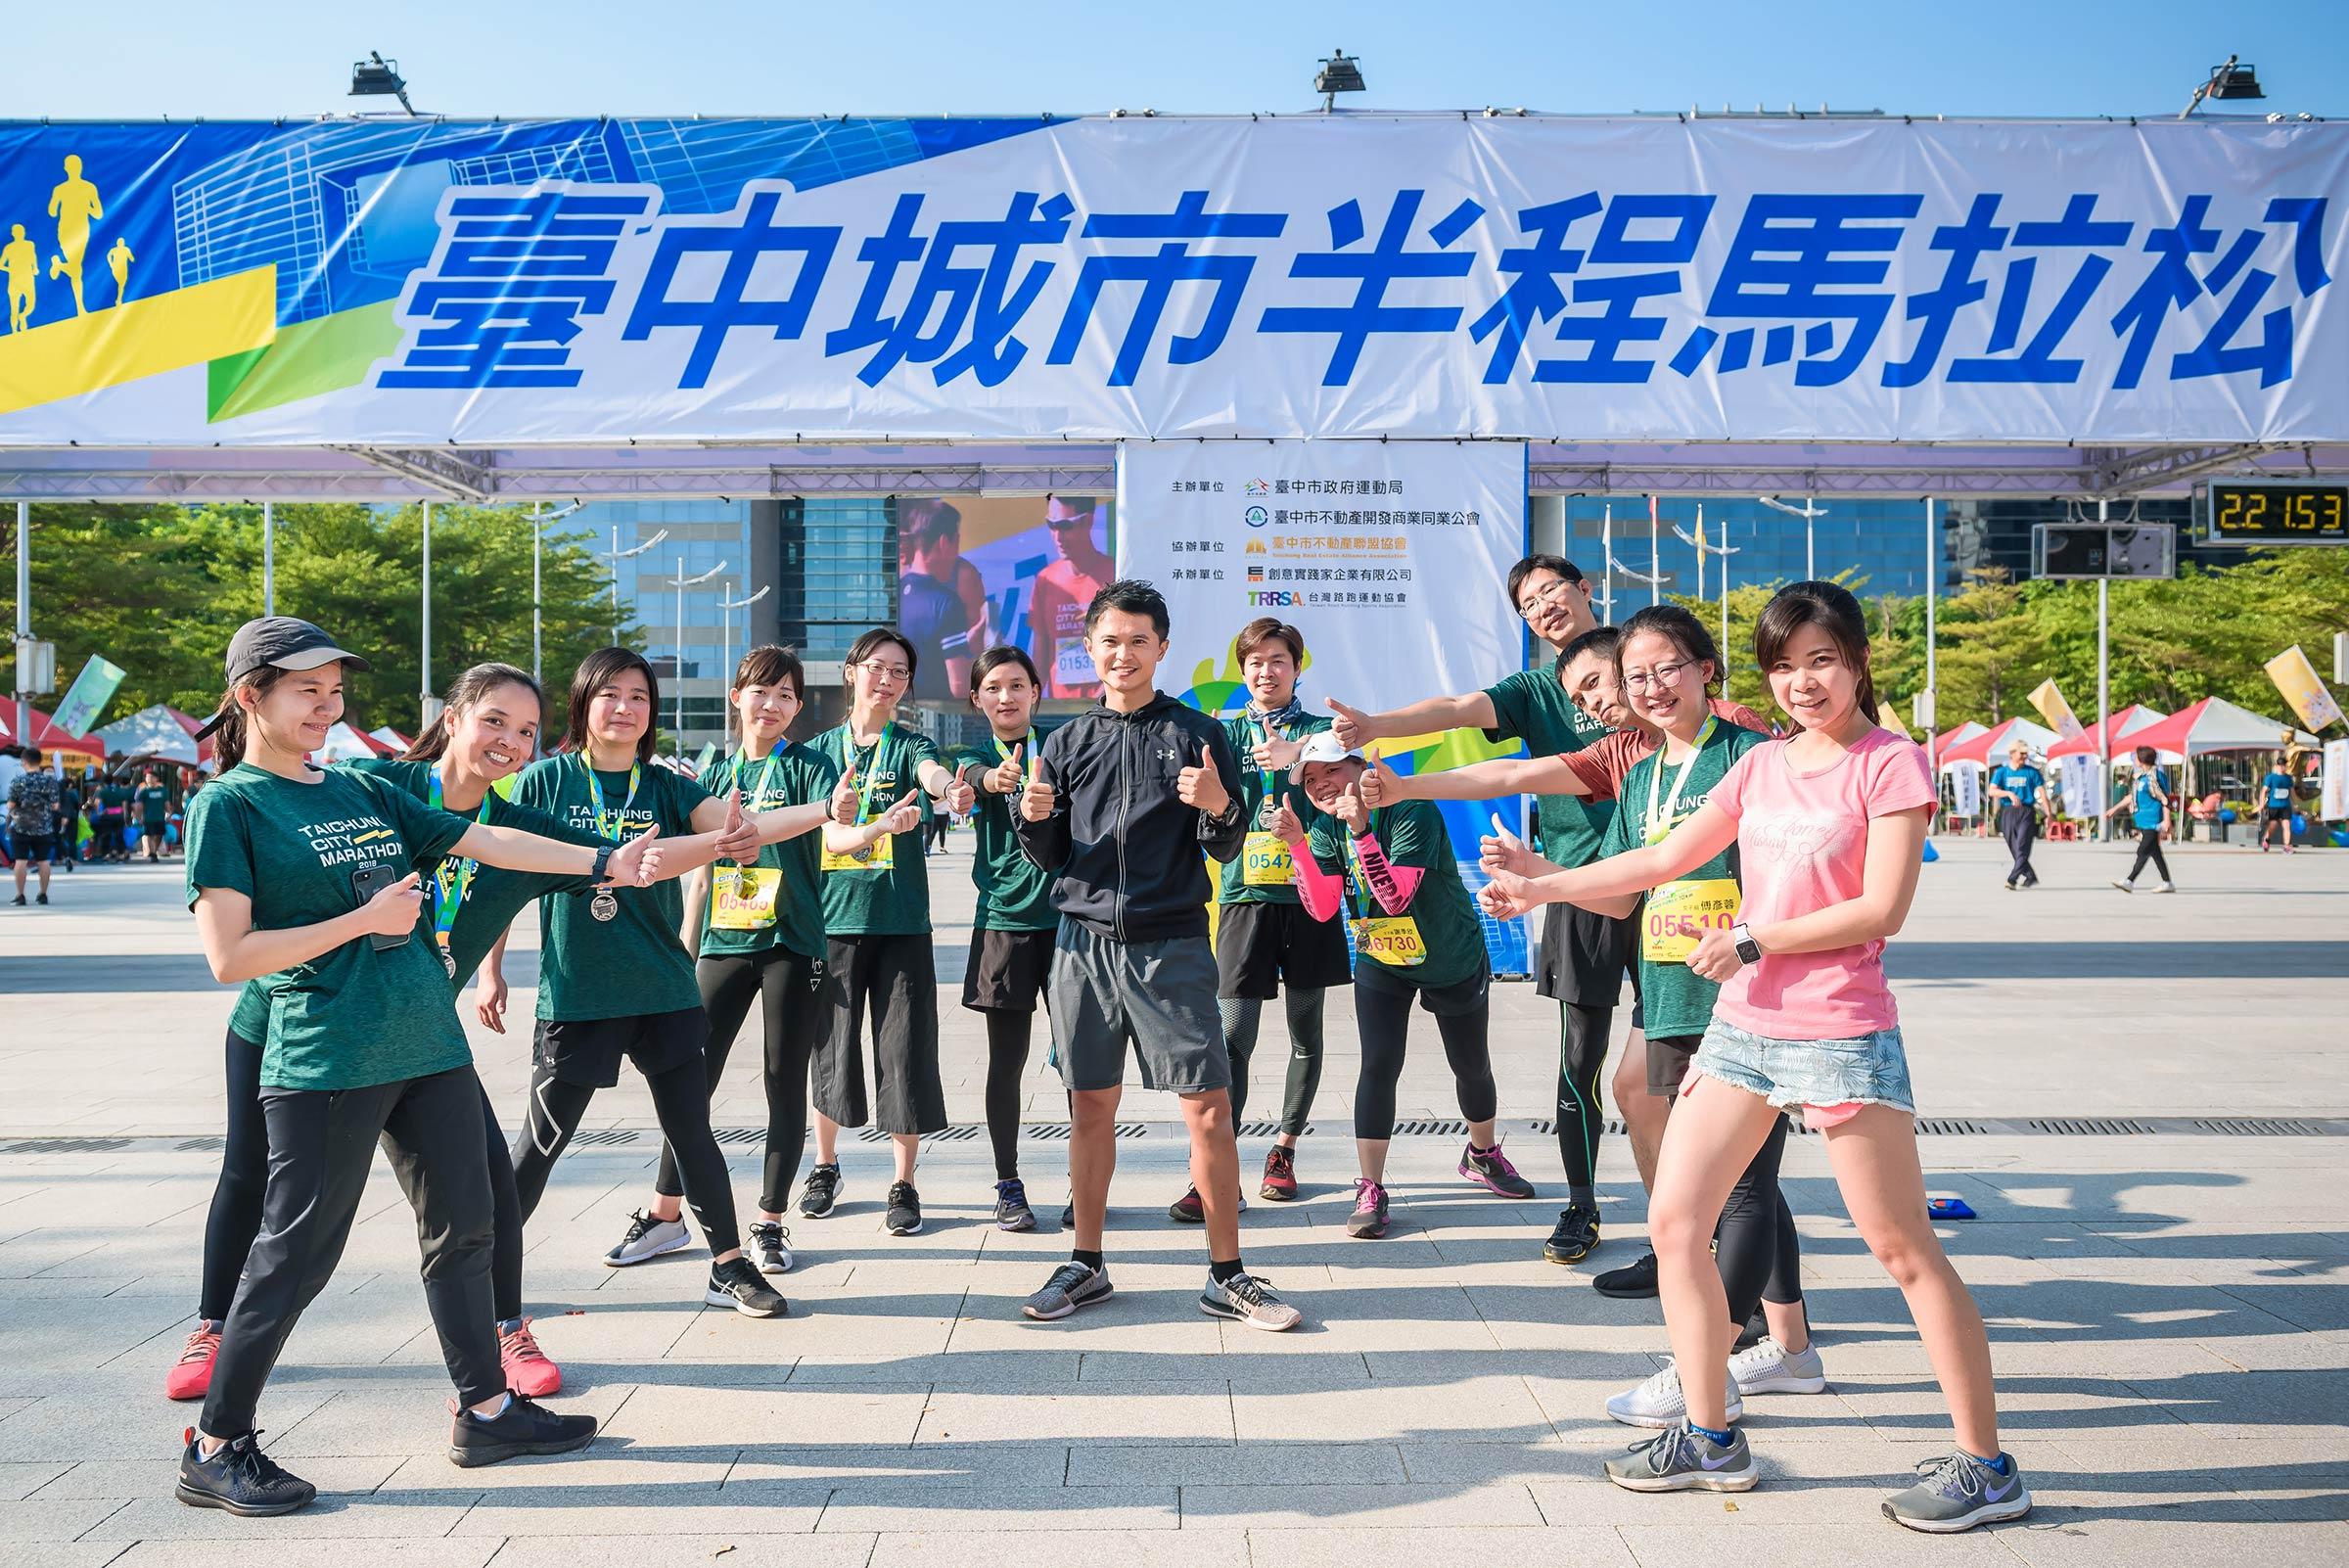 路跑活動紀錄 台中市城市半程馬拉松 活動紀錄攝影師 活動紀錄拍攝 活動紀錄攝影